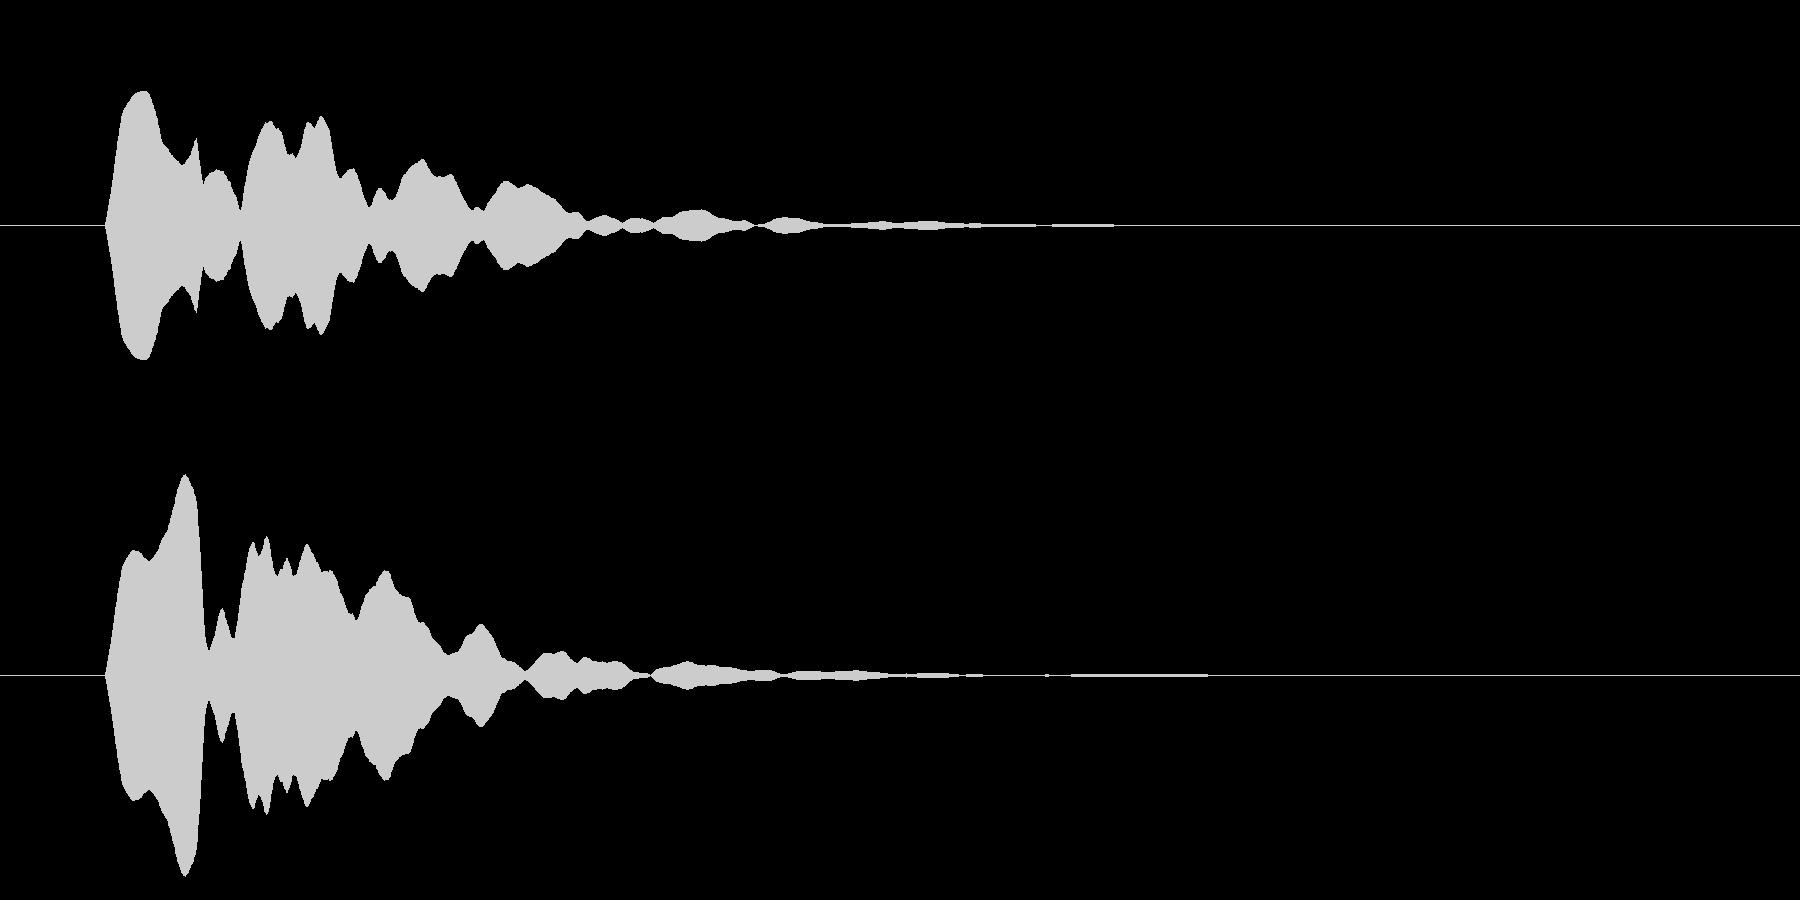 改札 ビープ音01-13(音色2 遠)の未再生の波形